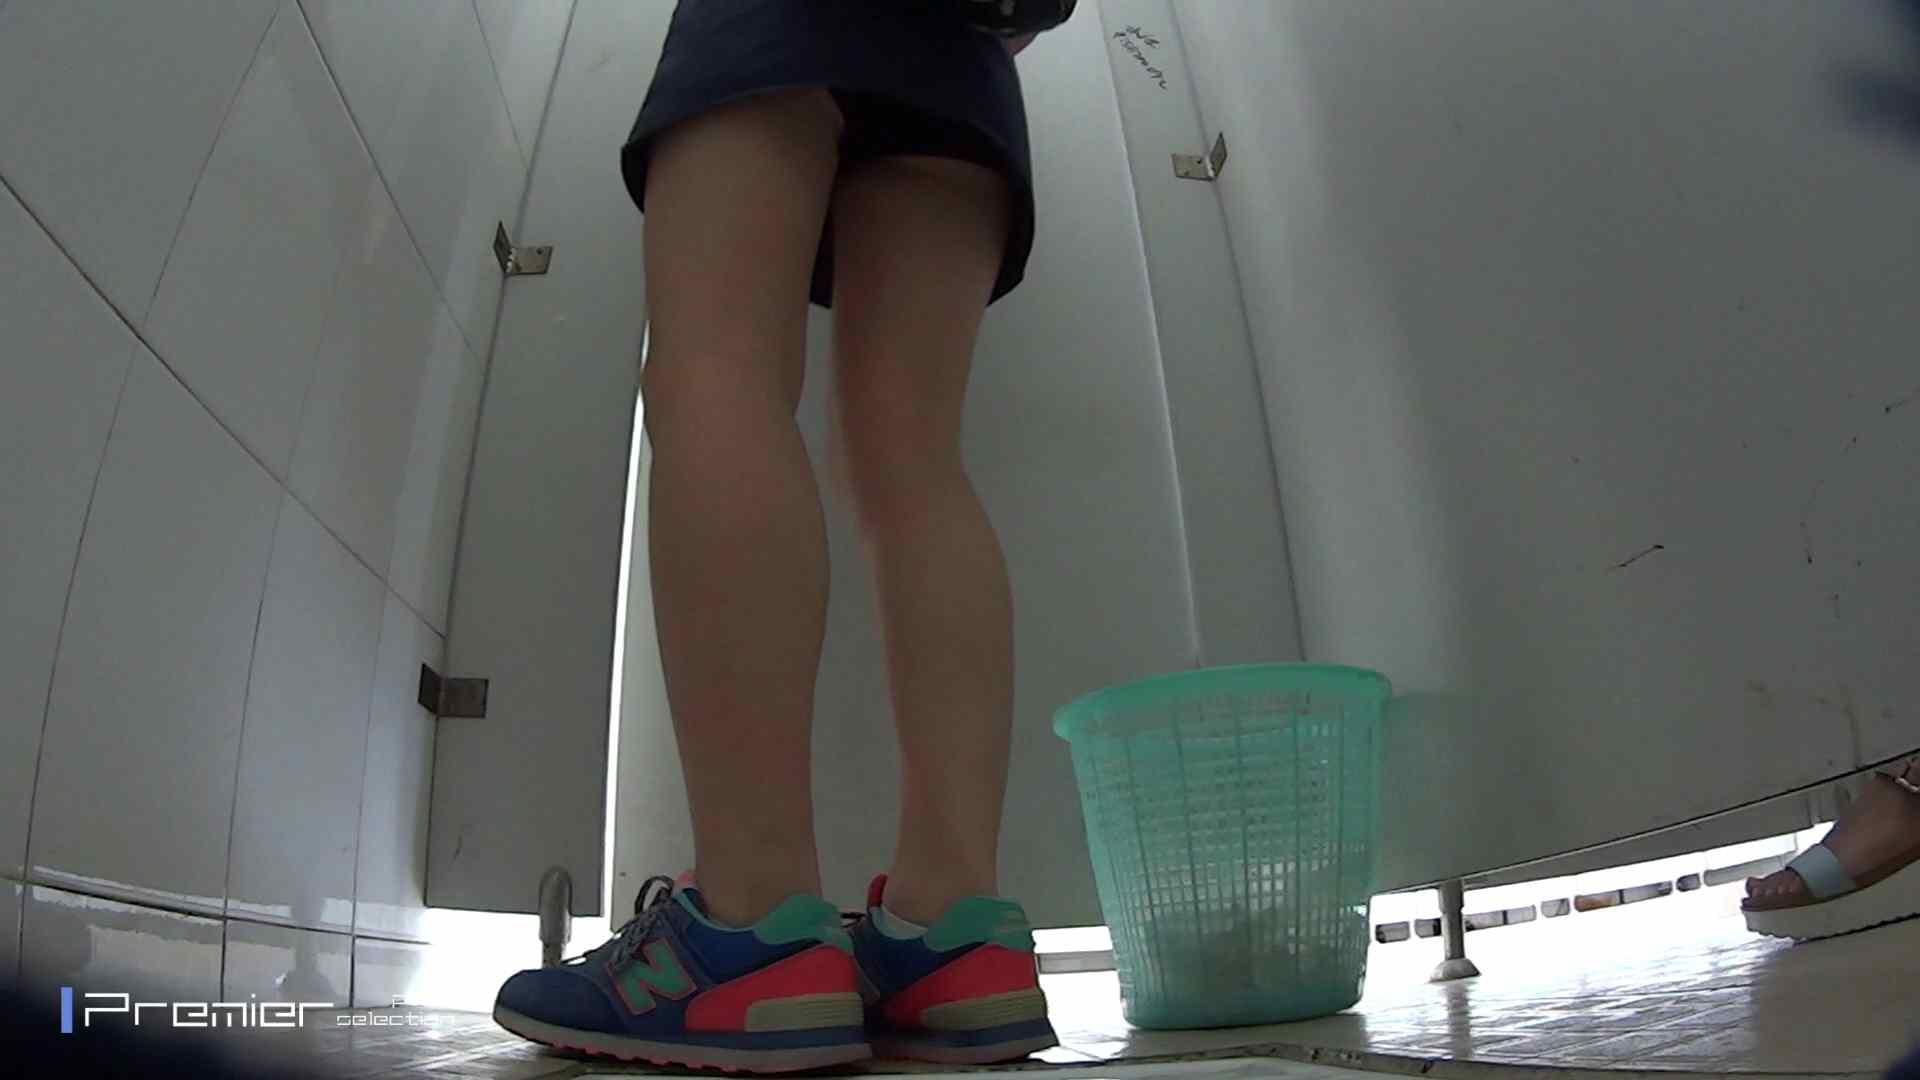 美しい女良たちのトイレ事情 有名大学休憩時間の洗面所事情06 盗撮映像大放出 | エッチすぎるお姉さん  80連発 36